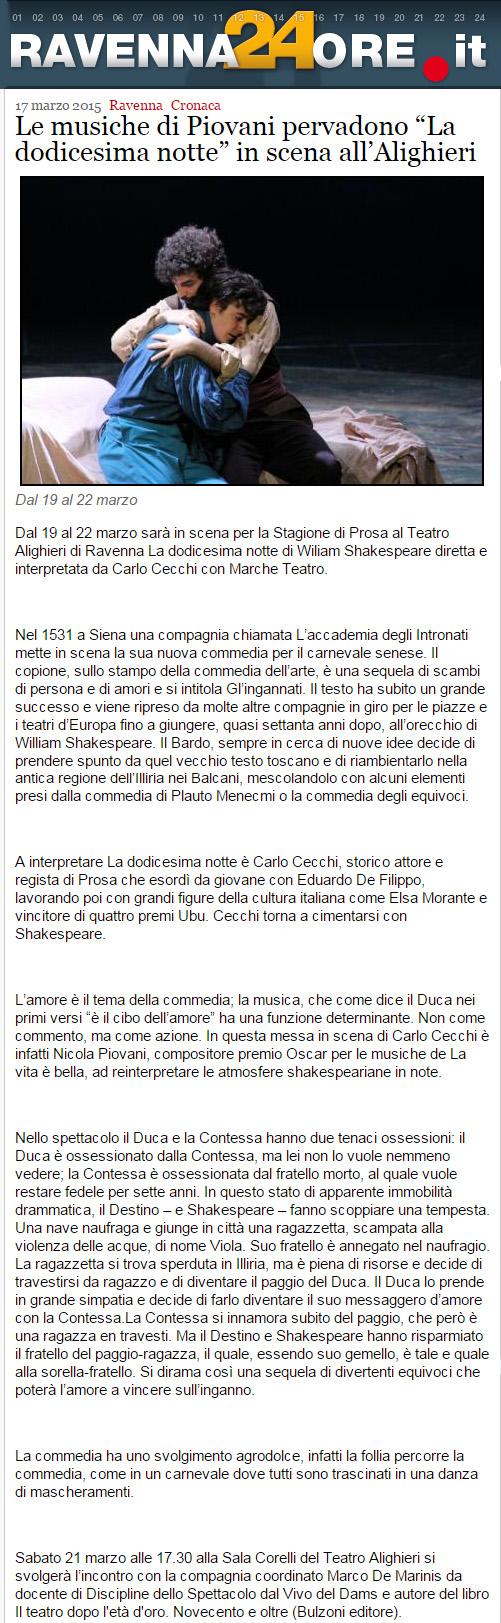 2015.03.17 Le musiche di Piovani pervadono la dodicesima notte in scena all'alighieri - ravenna24ore.it